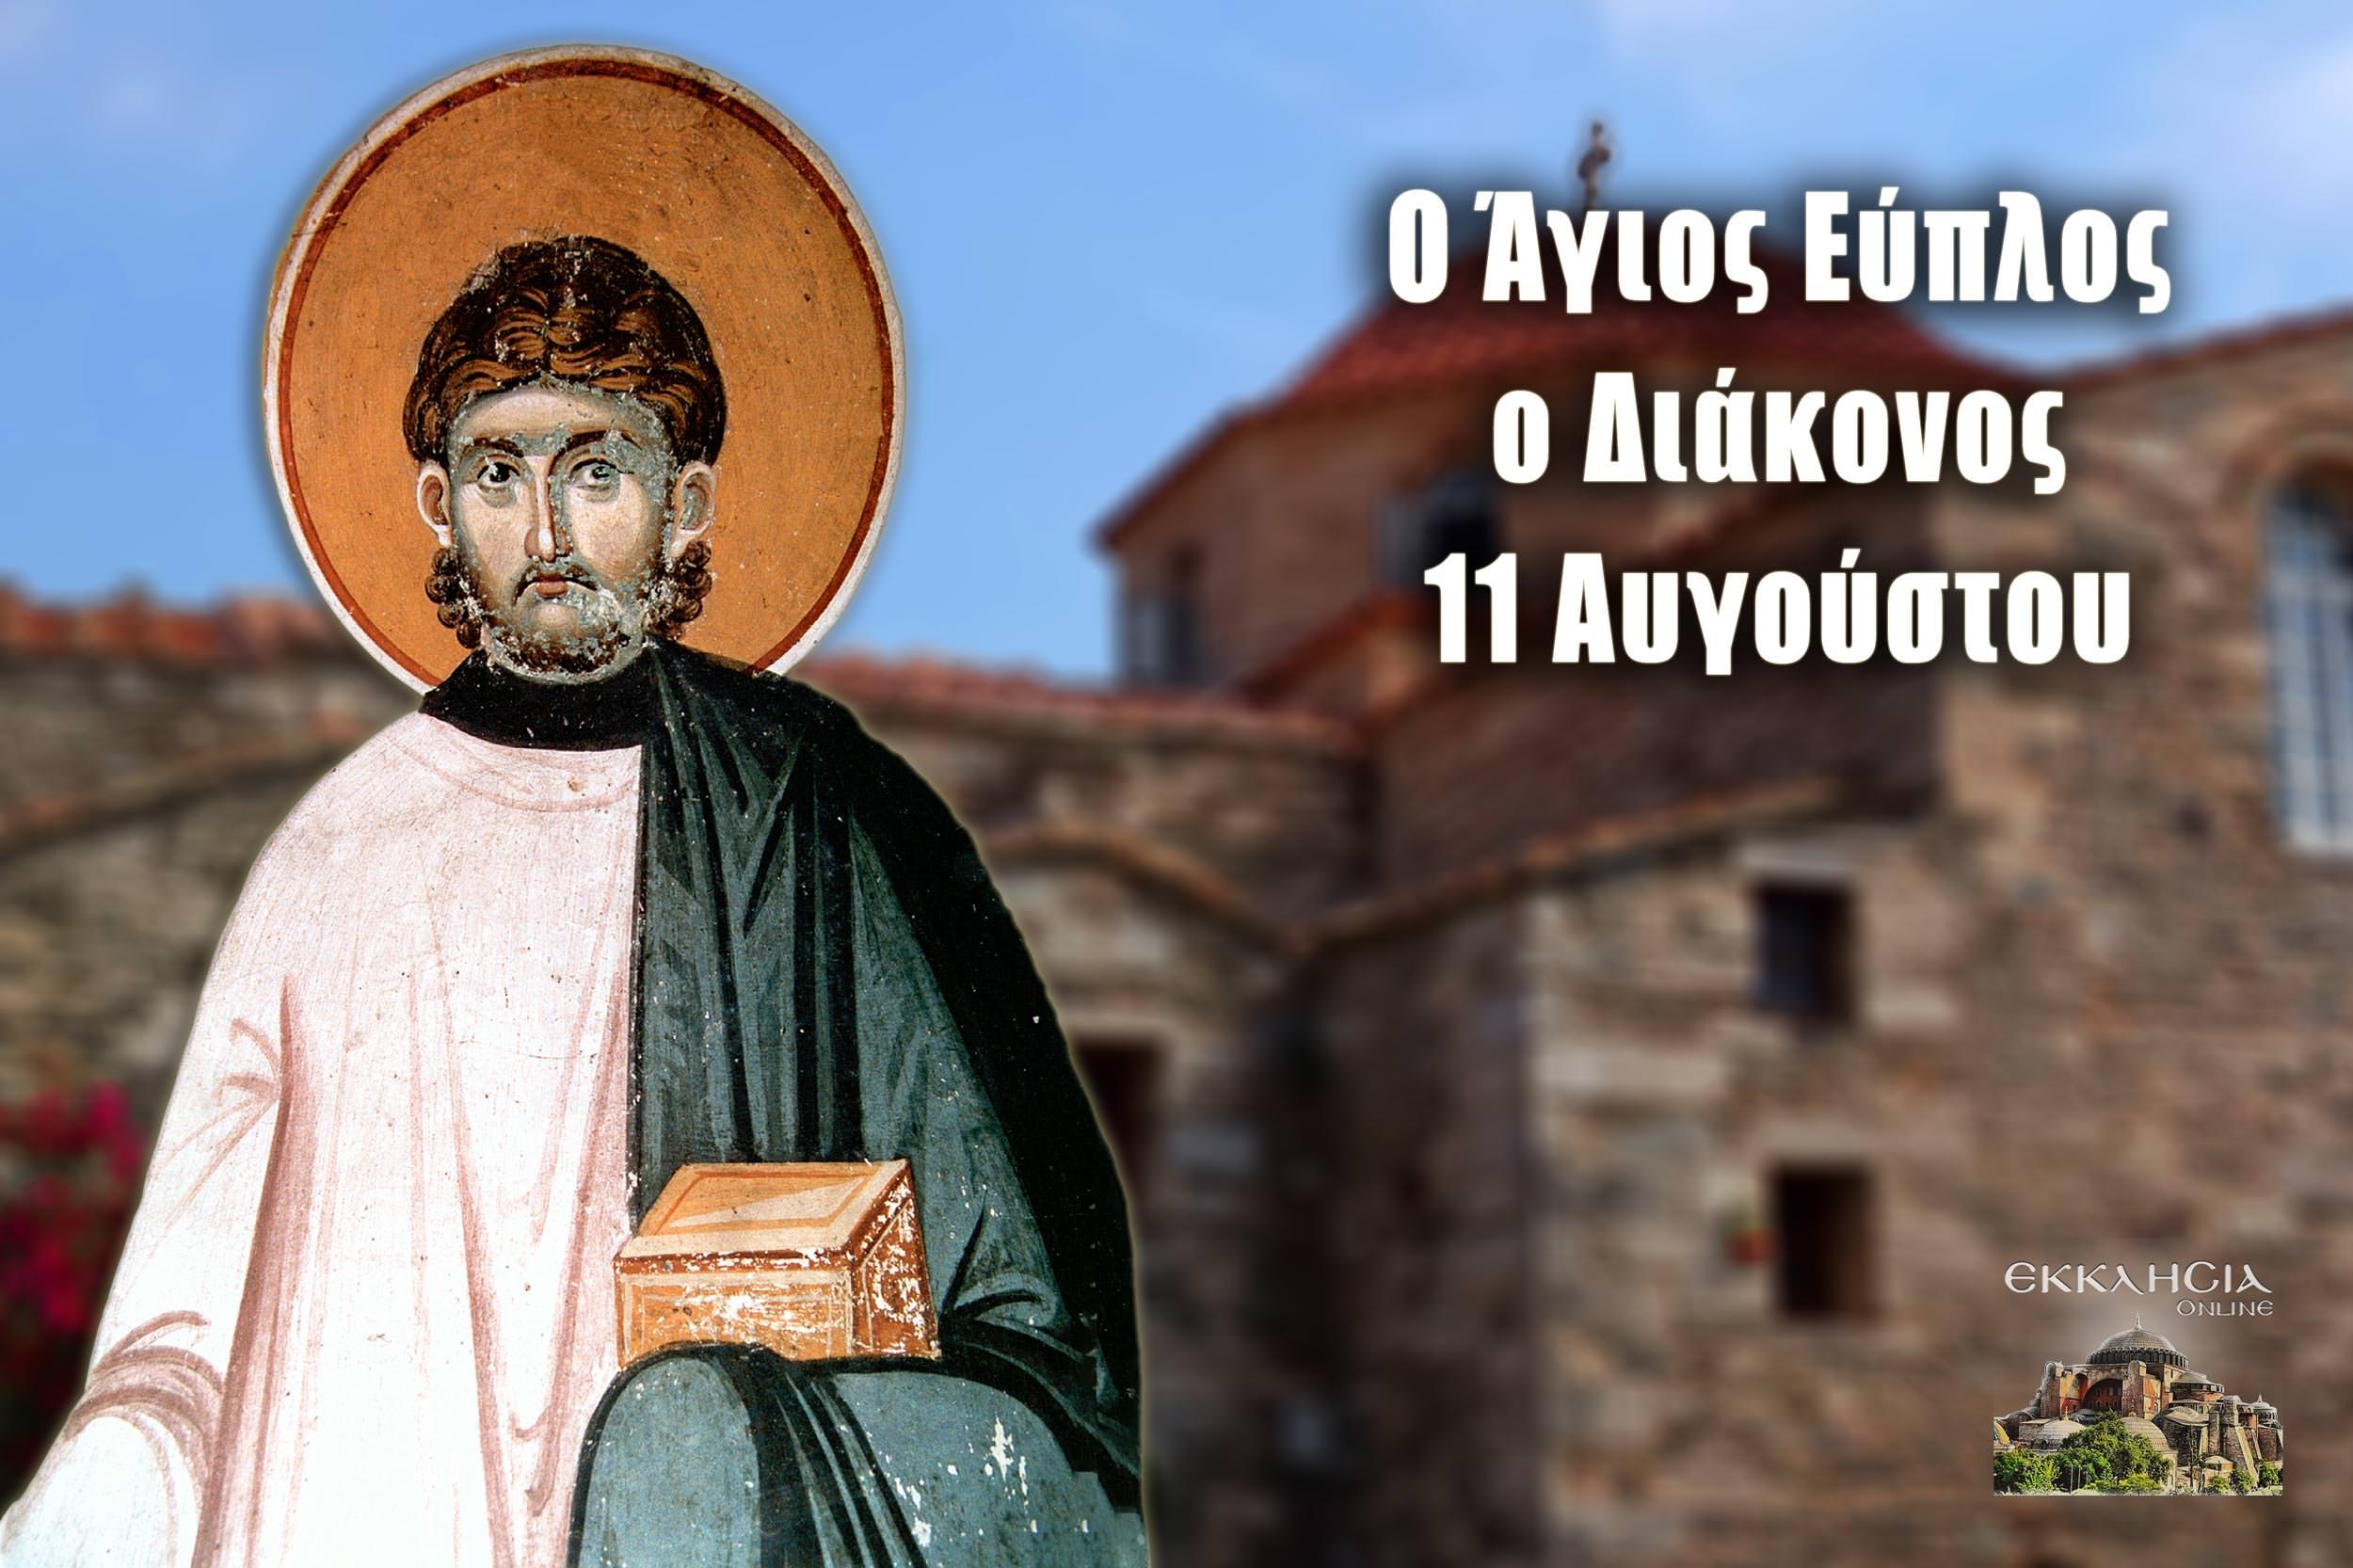 Άγιος Εύπλος ο Διάκονος 11 Αυγούστου